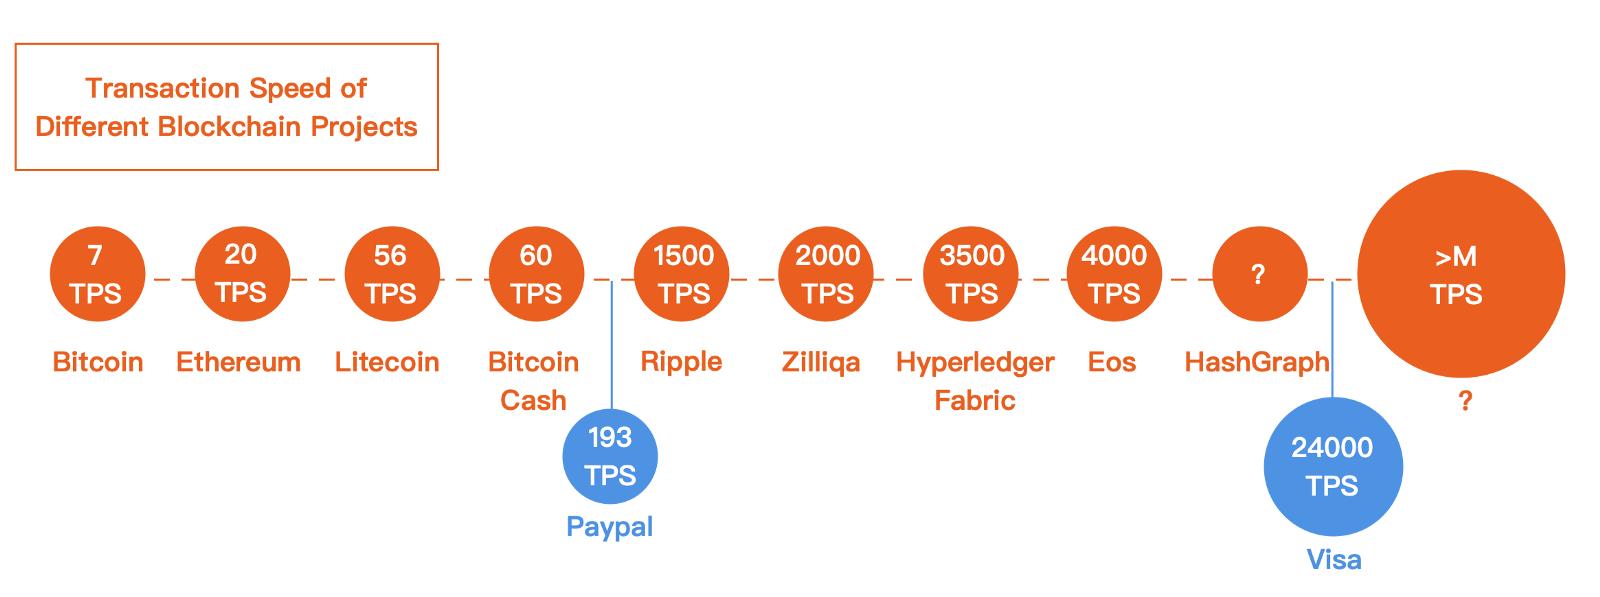 Скорость транзакций в секунду